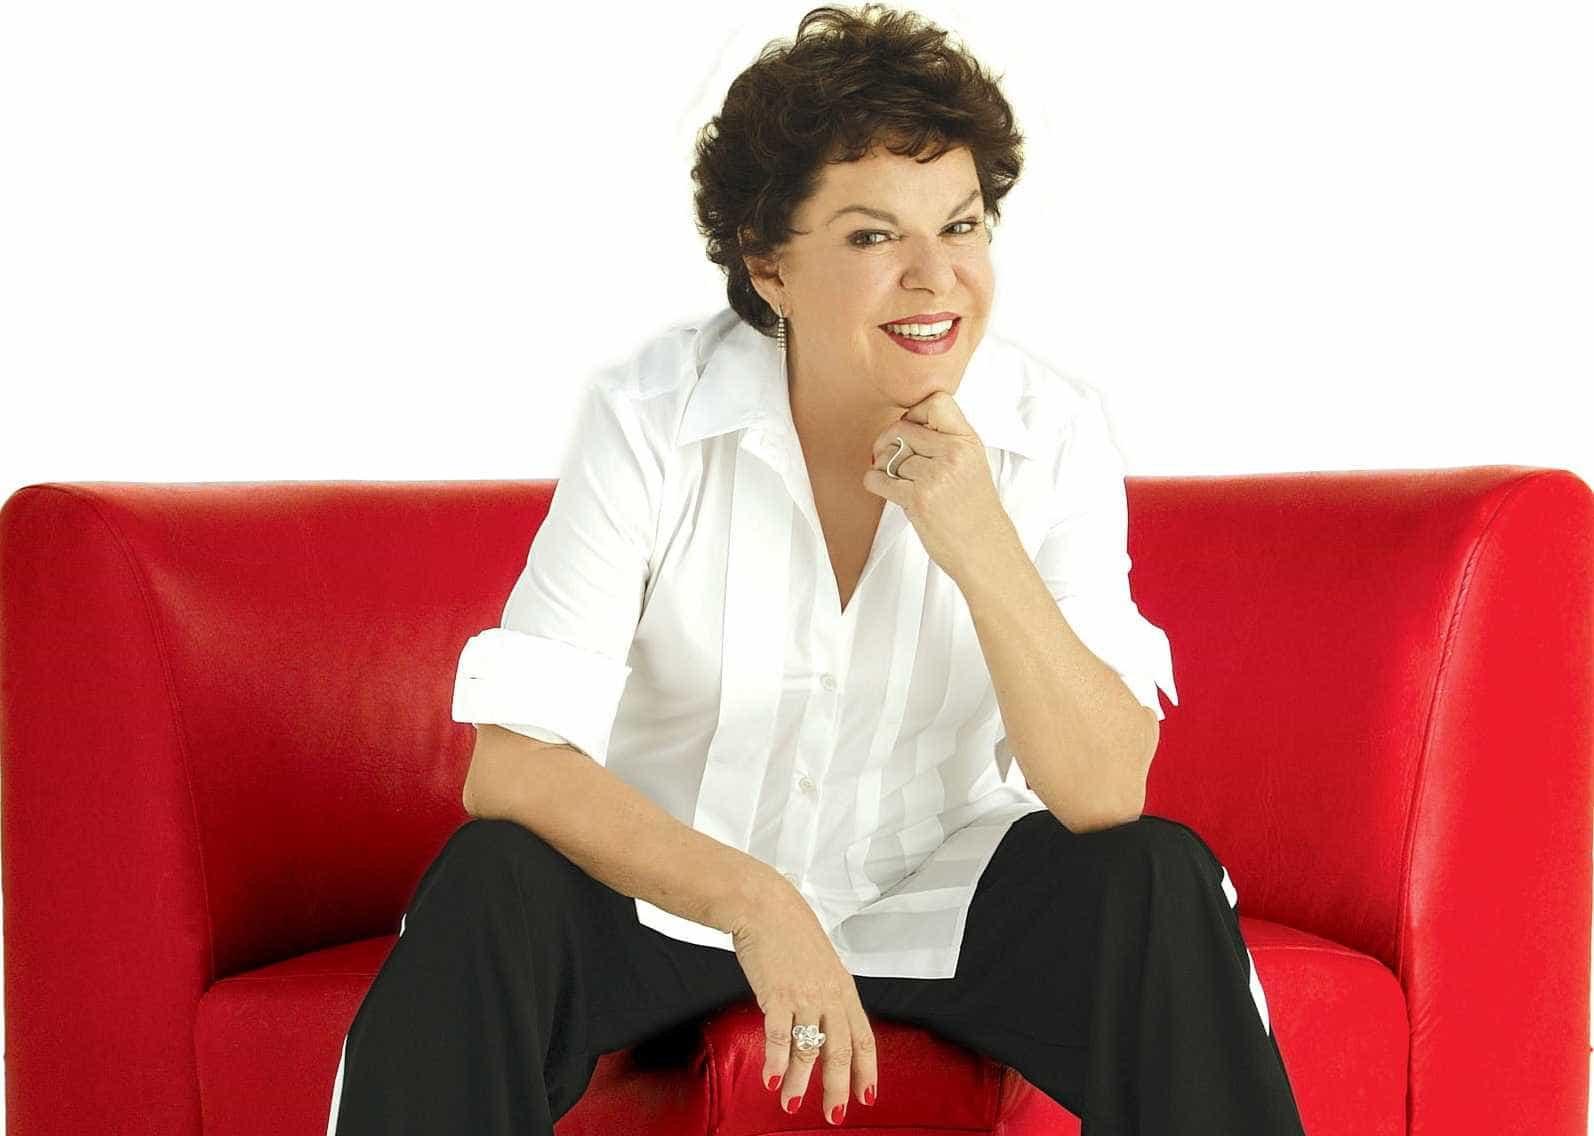 Morreu cantora e compositora Miúcha, irmã de Chico Buarque